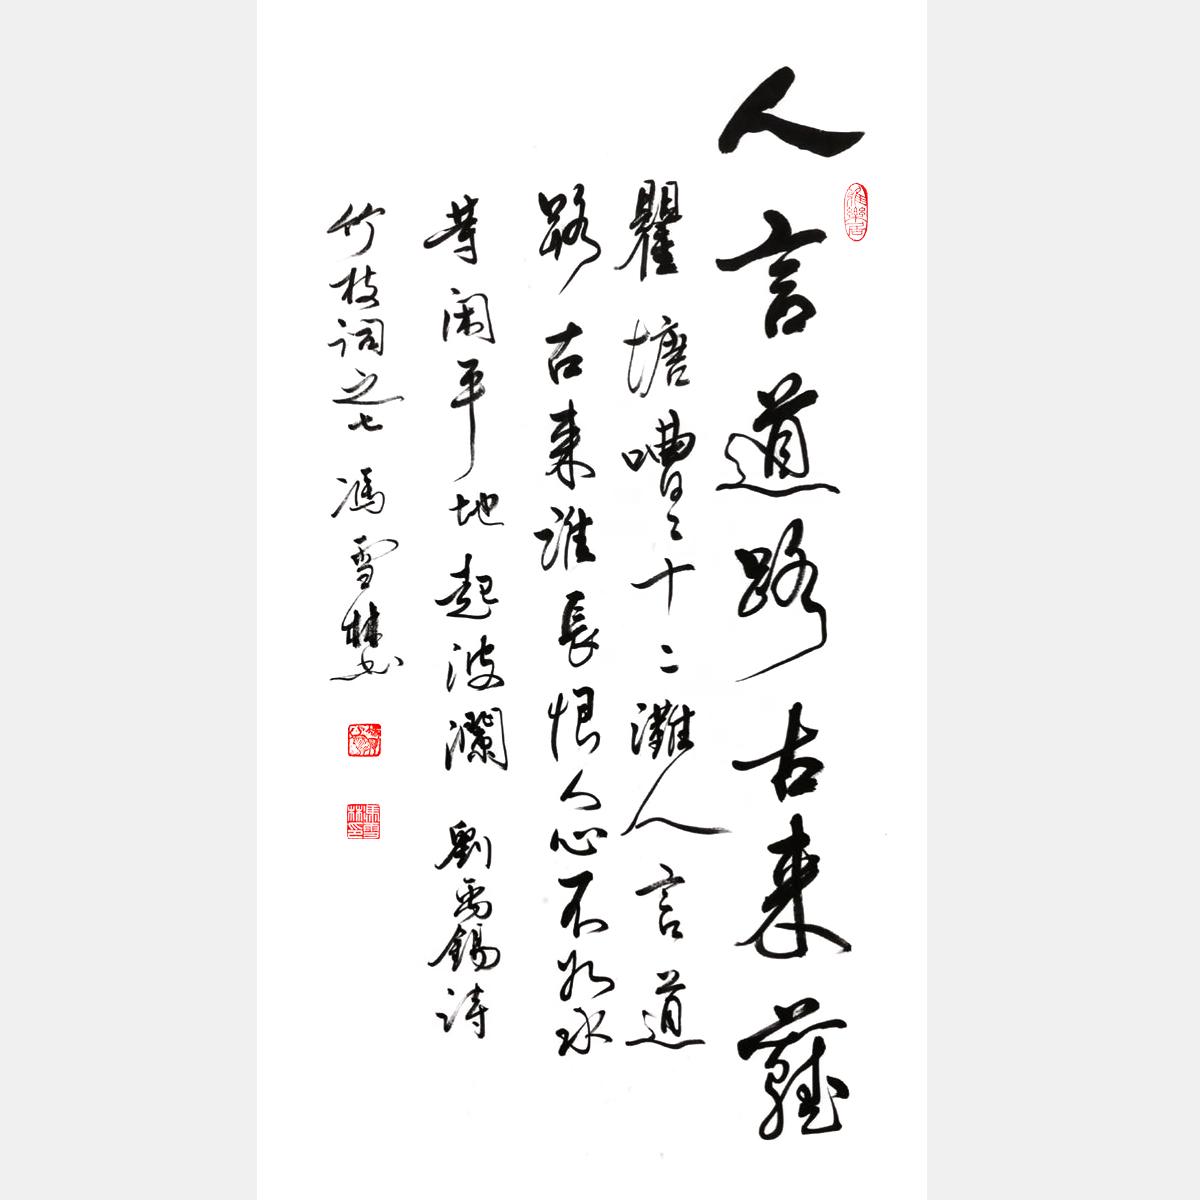 唐代刘禹锡《竹枝词九首·其七》行书书法作品